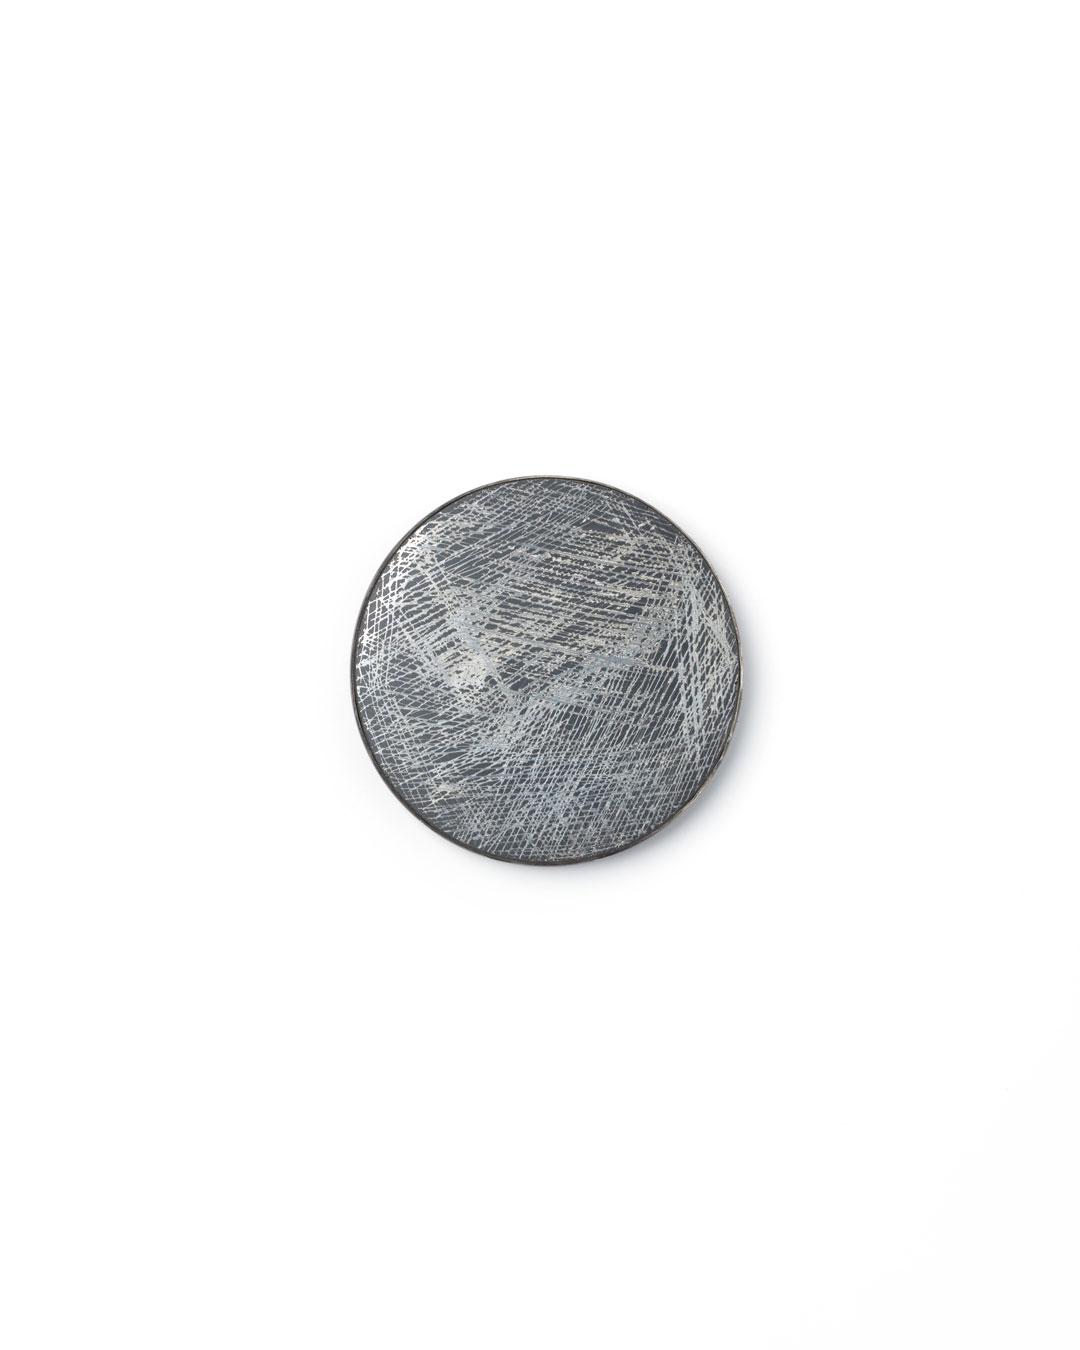 Florian Weichsberger, Moon #9, 2019, brooch; glass mirror, silver, steel, 85 x 85 x 10 mm, €970